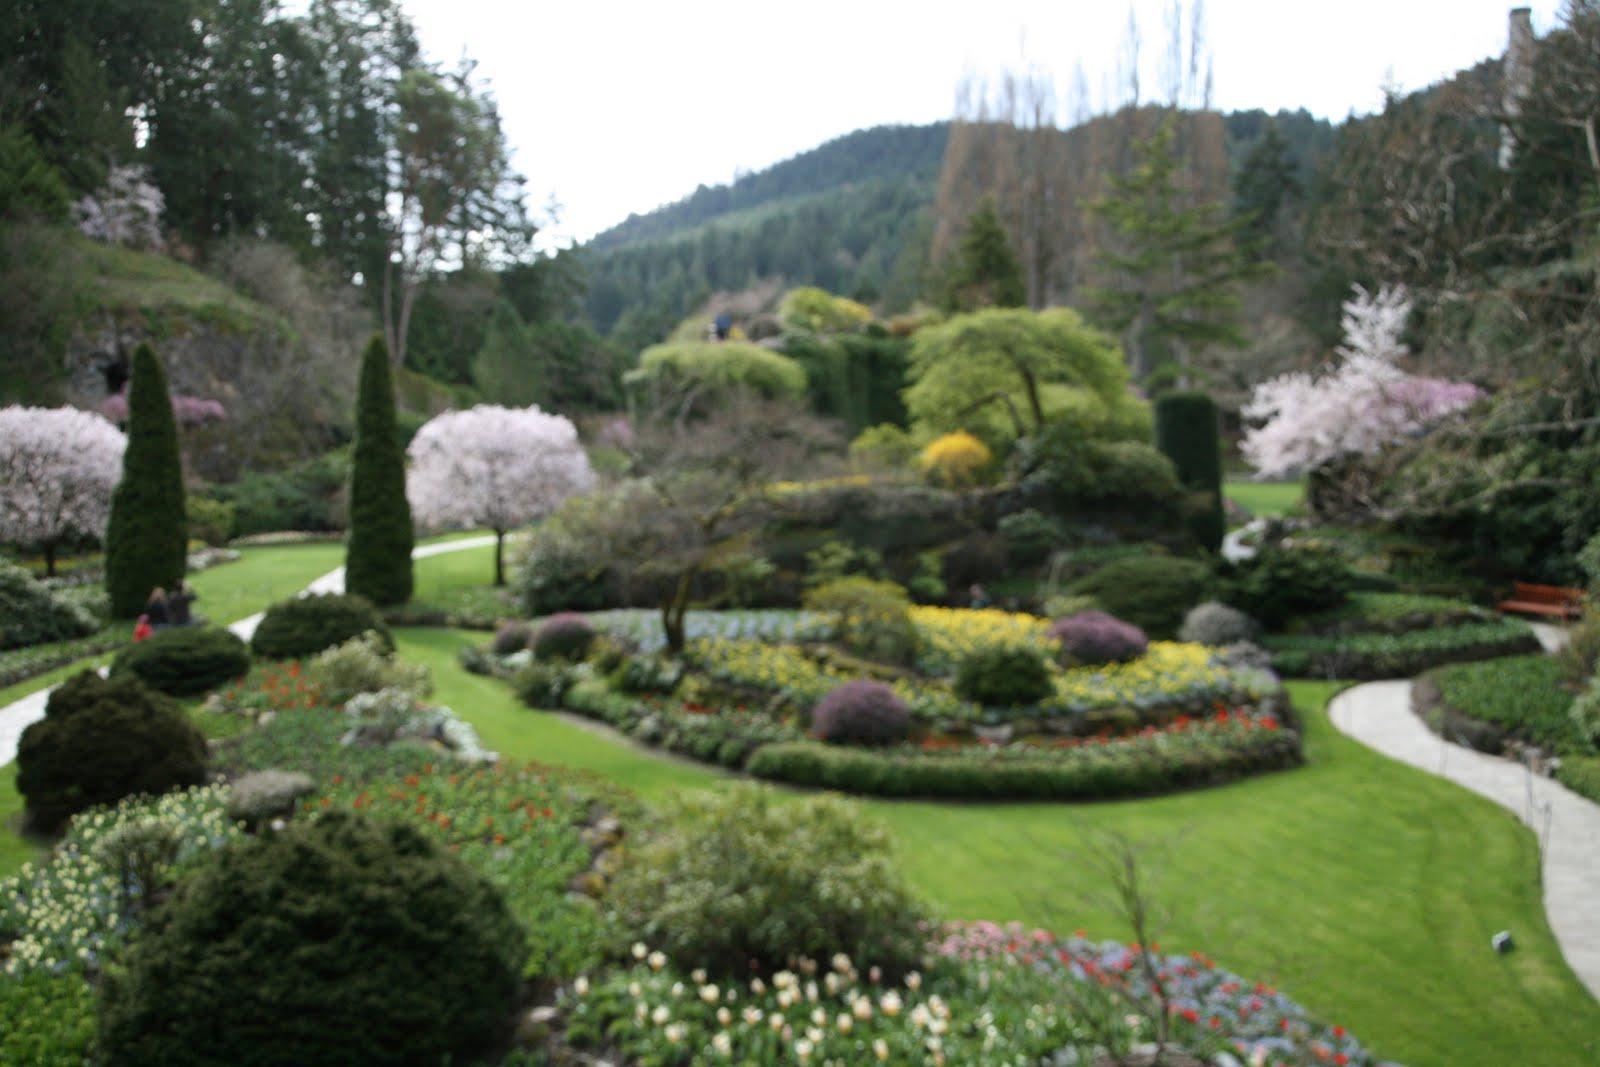 Delights of the heart walk through butchart gardens - When you walk through the garden ...